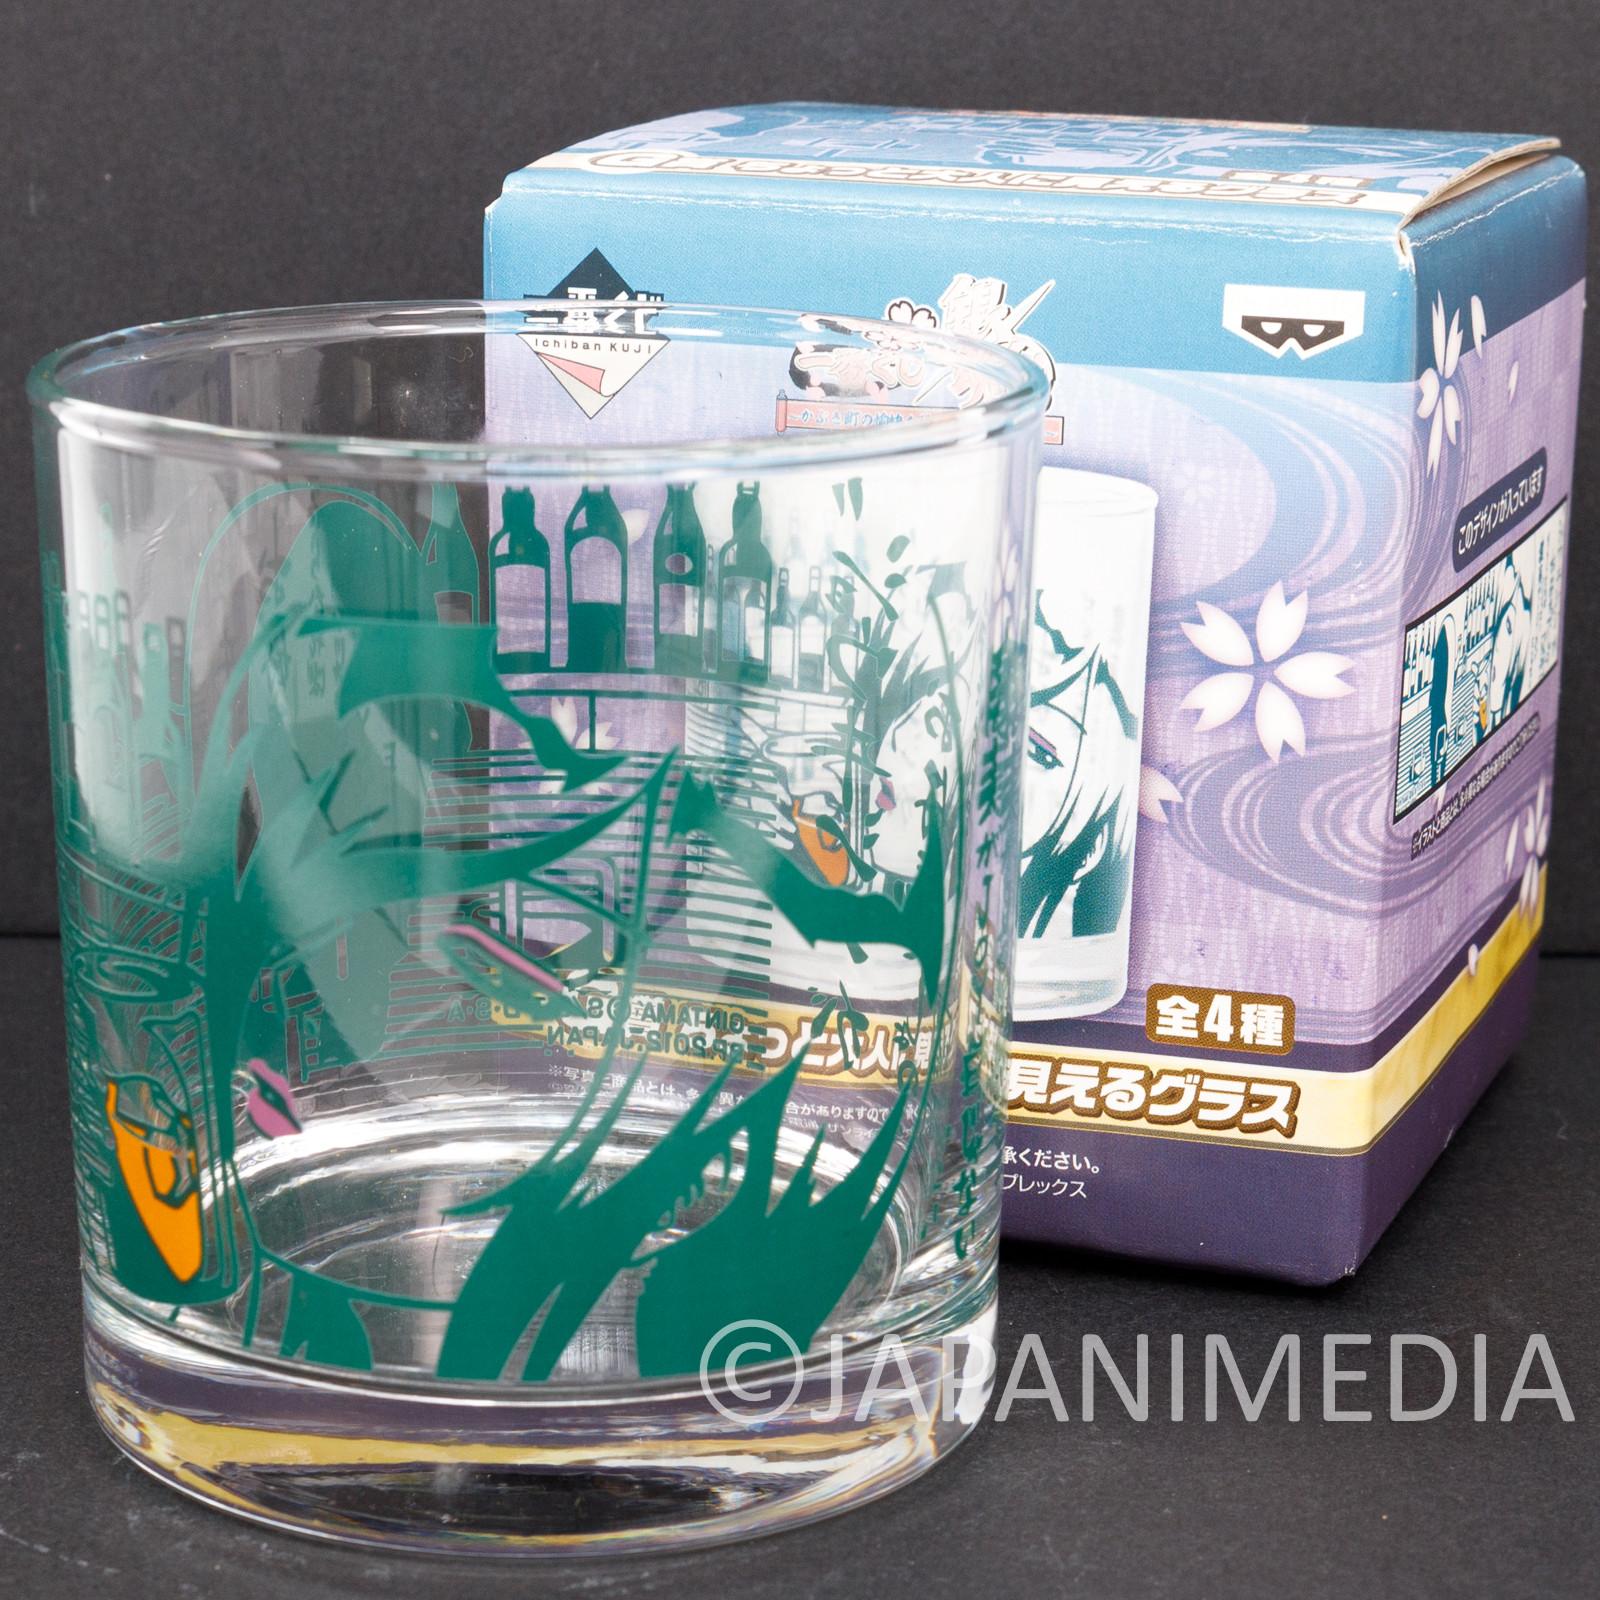 Gintama Rock Glass Zurako ver. JAPAN ANIME MANGA SHONEN JUMP